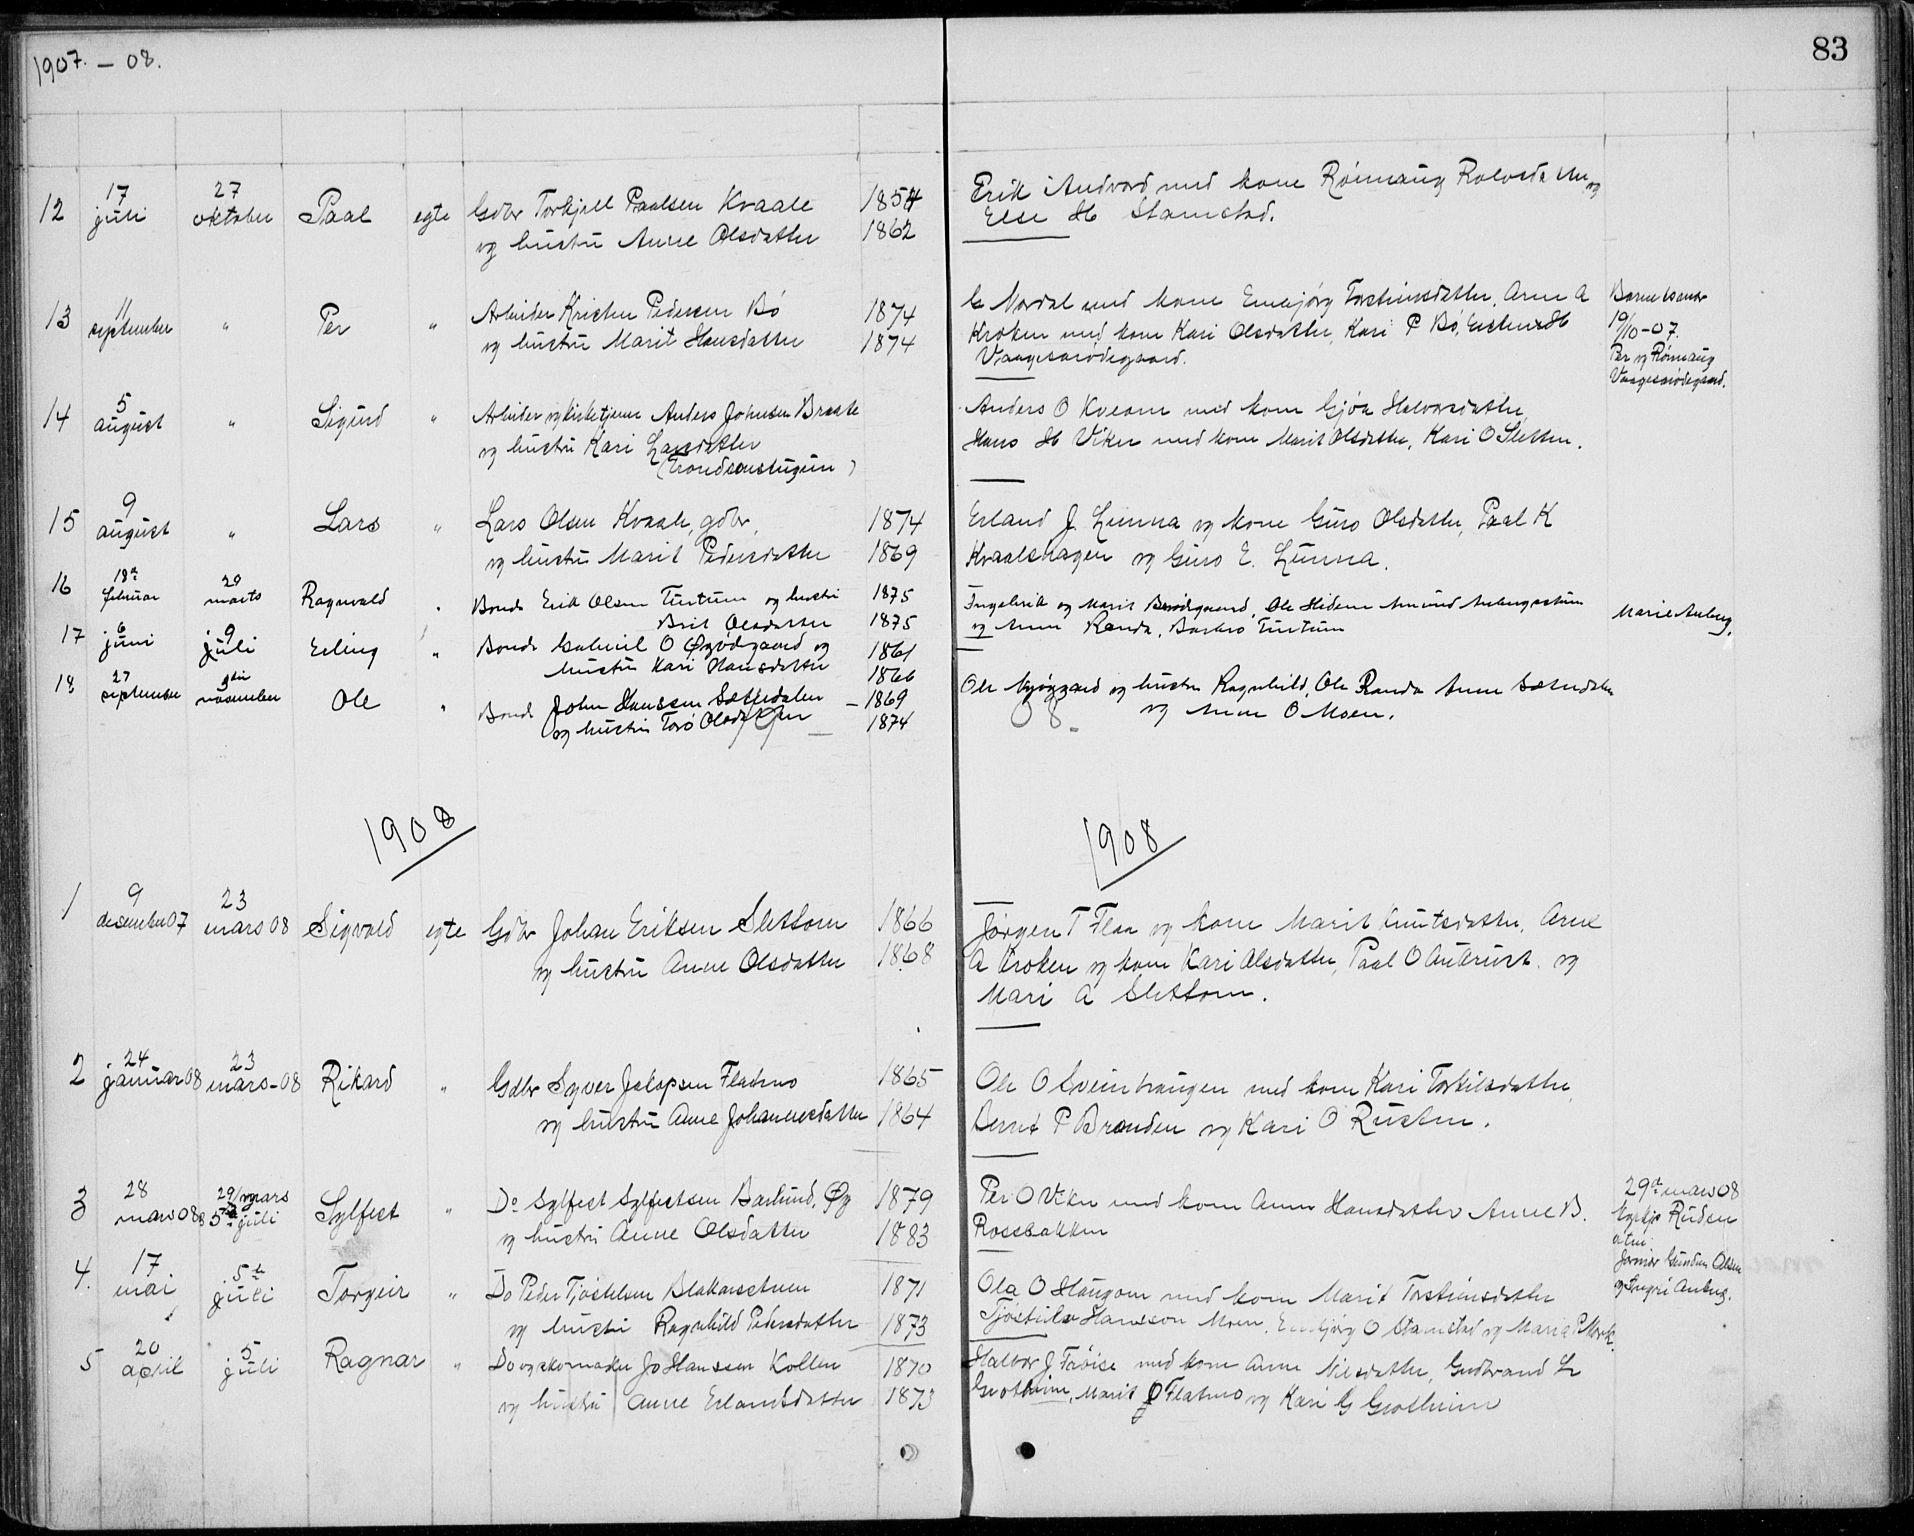 SAH, Lom prestekontor, L/L0013: Klokkerbok nr. 13, 1874-1938, s. 83